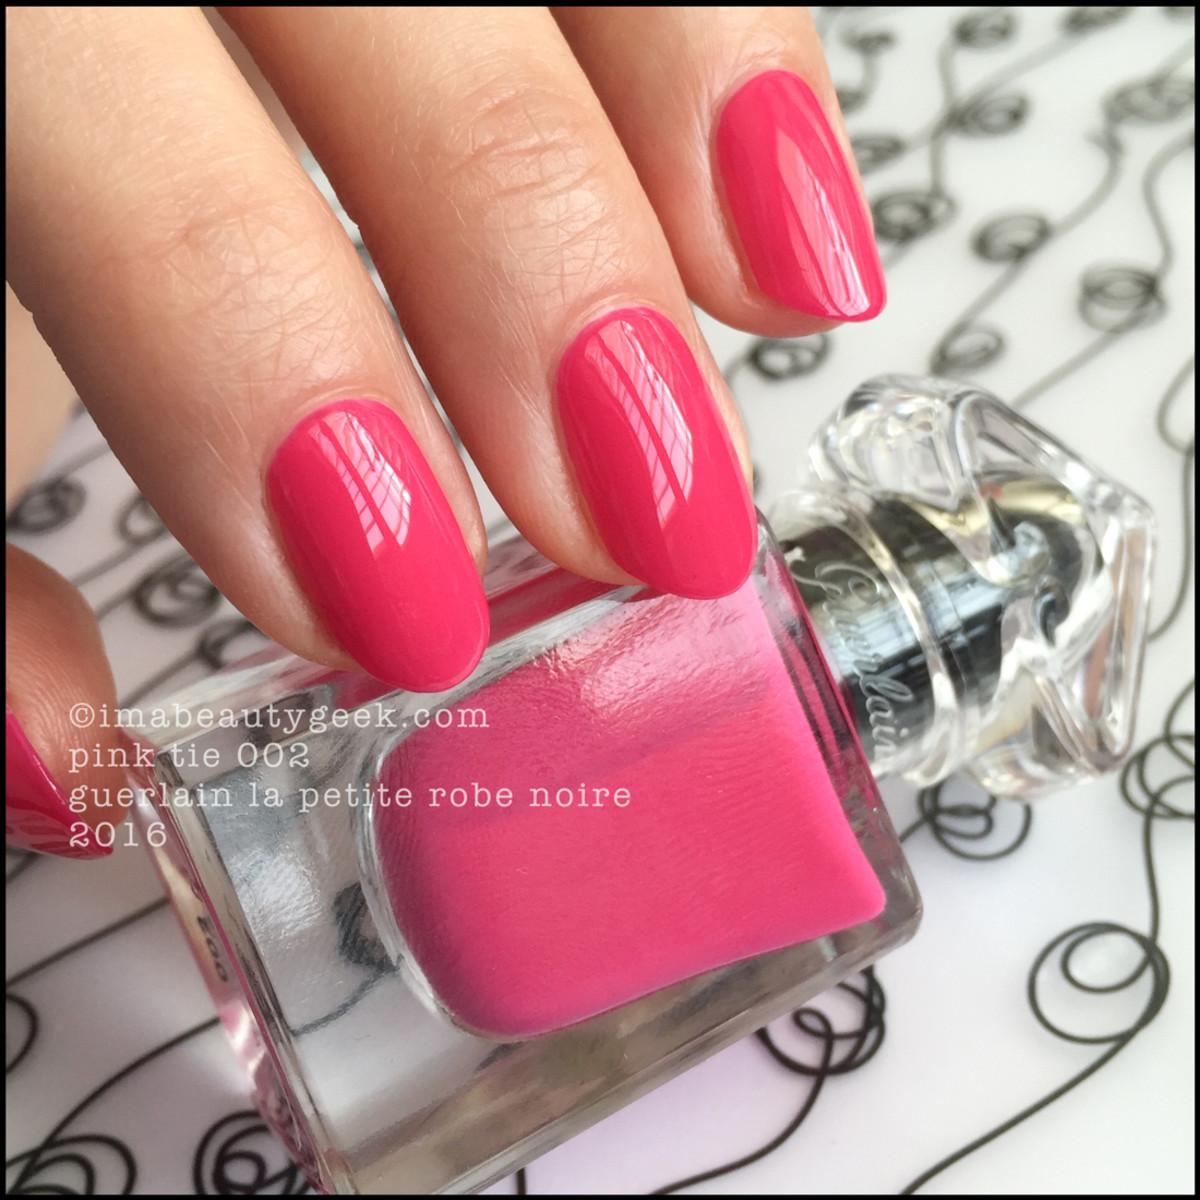 Guerlain La Petite Robe Noire_Guerlain Pink Tie 002 Nail